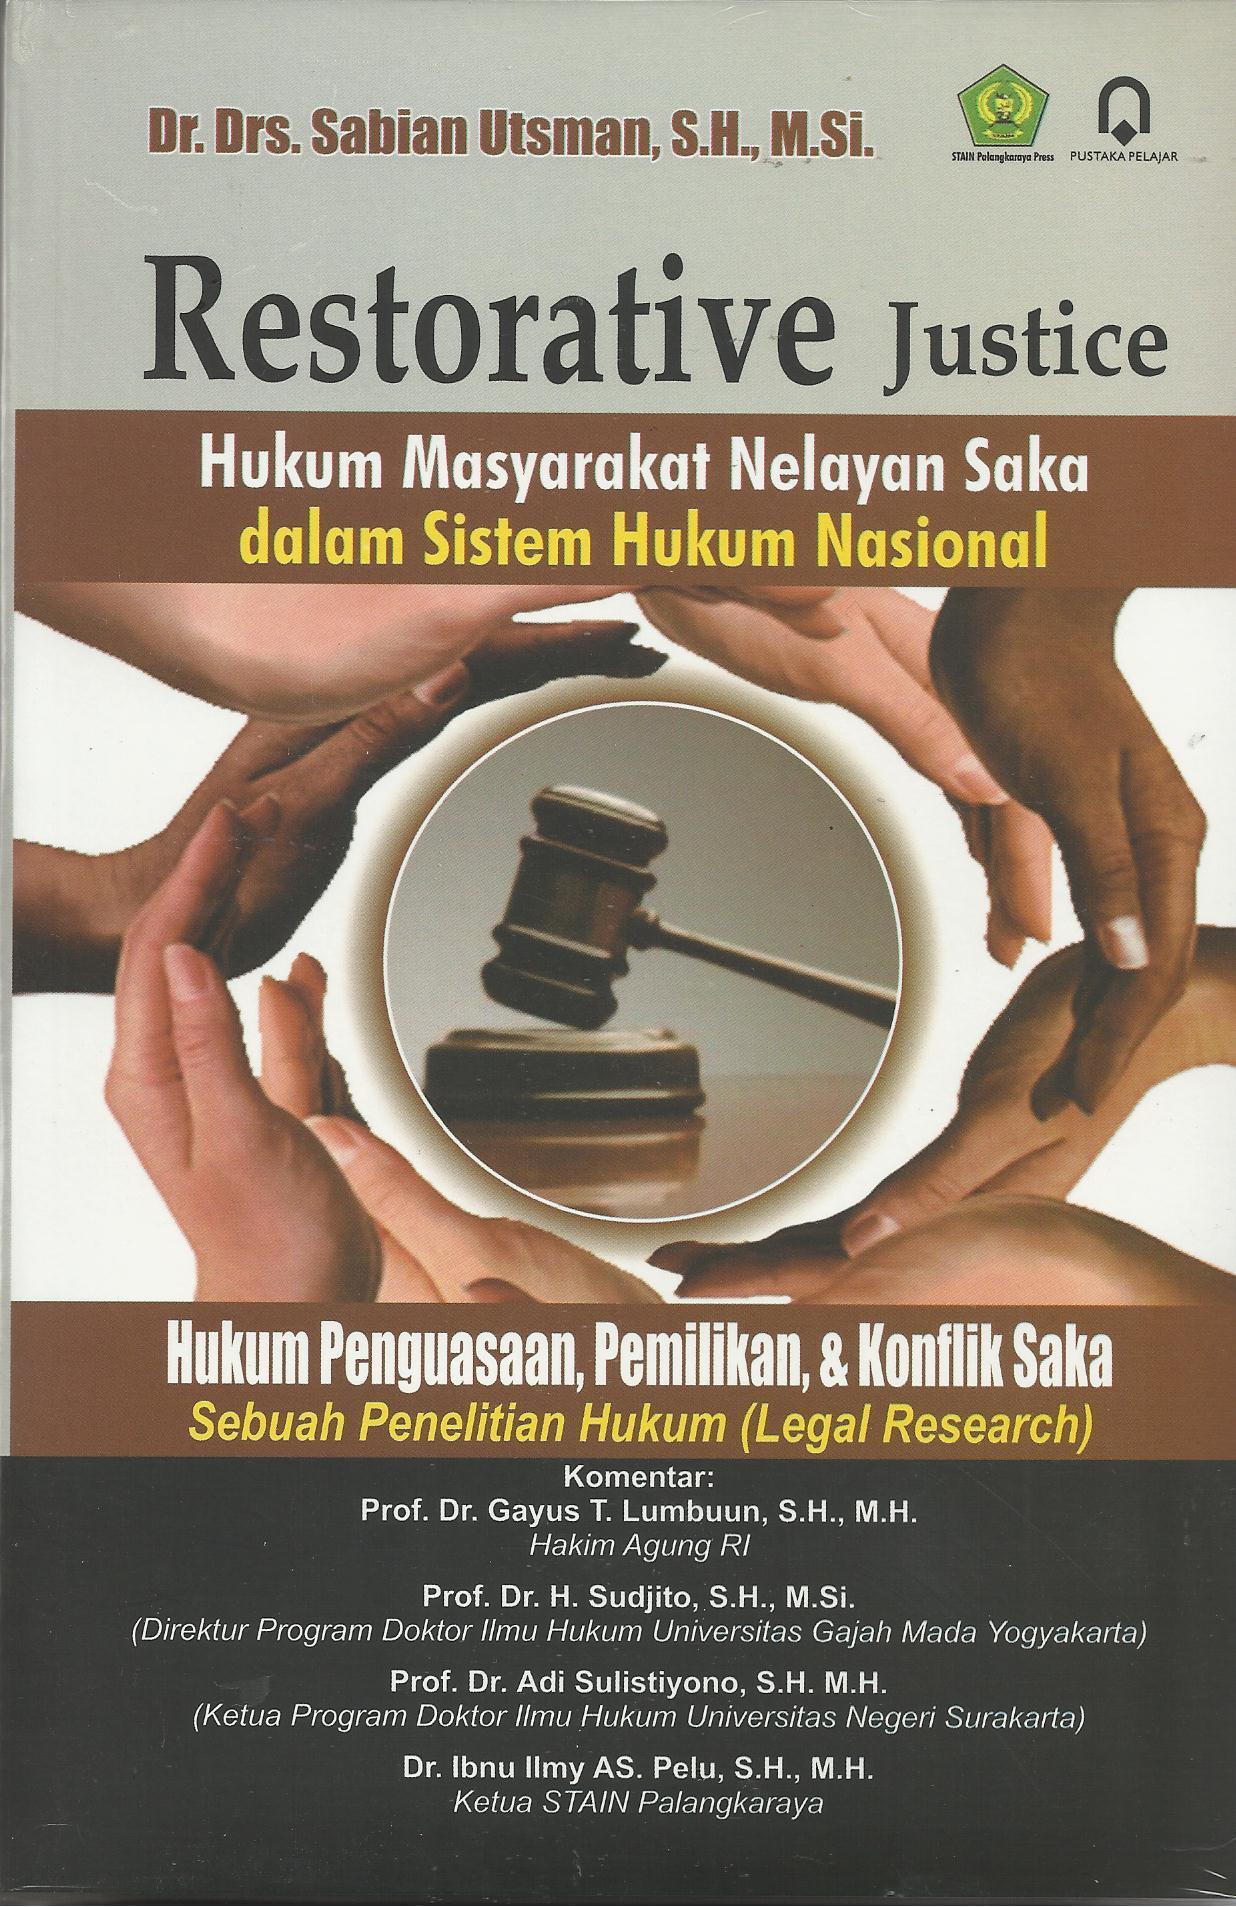 Restorative Justice (Hukum Masyarakat Nelayan saka dalam Sistem Hukum Nasional)